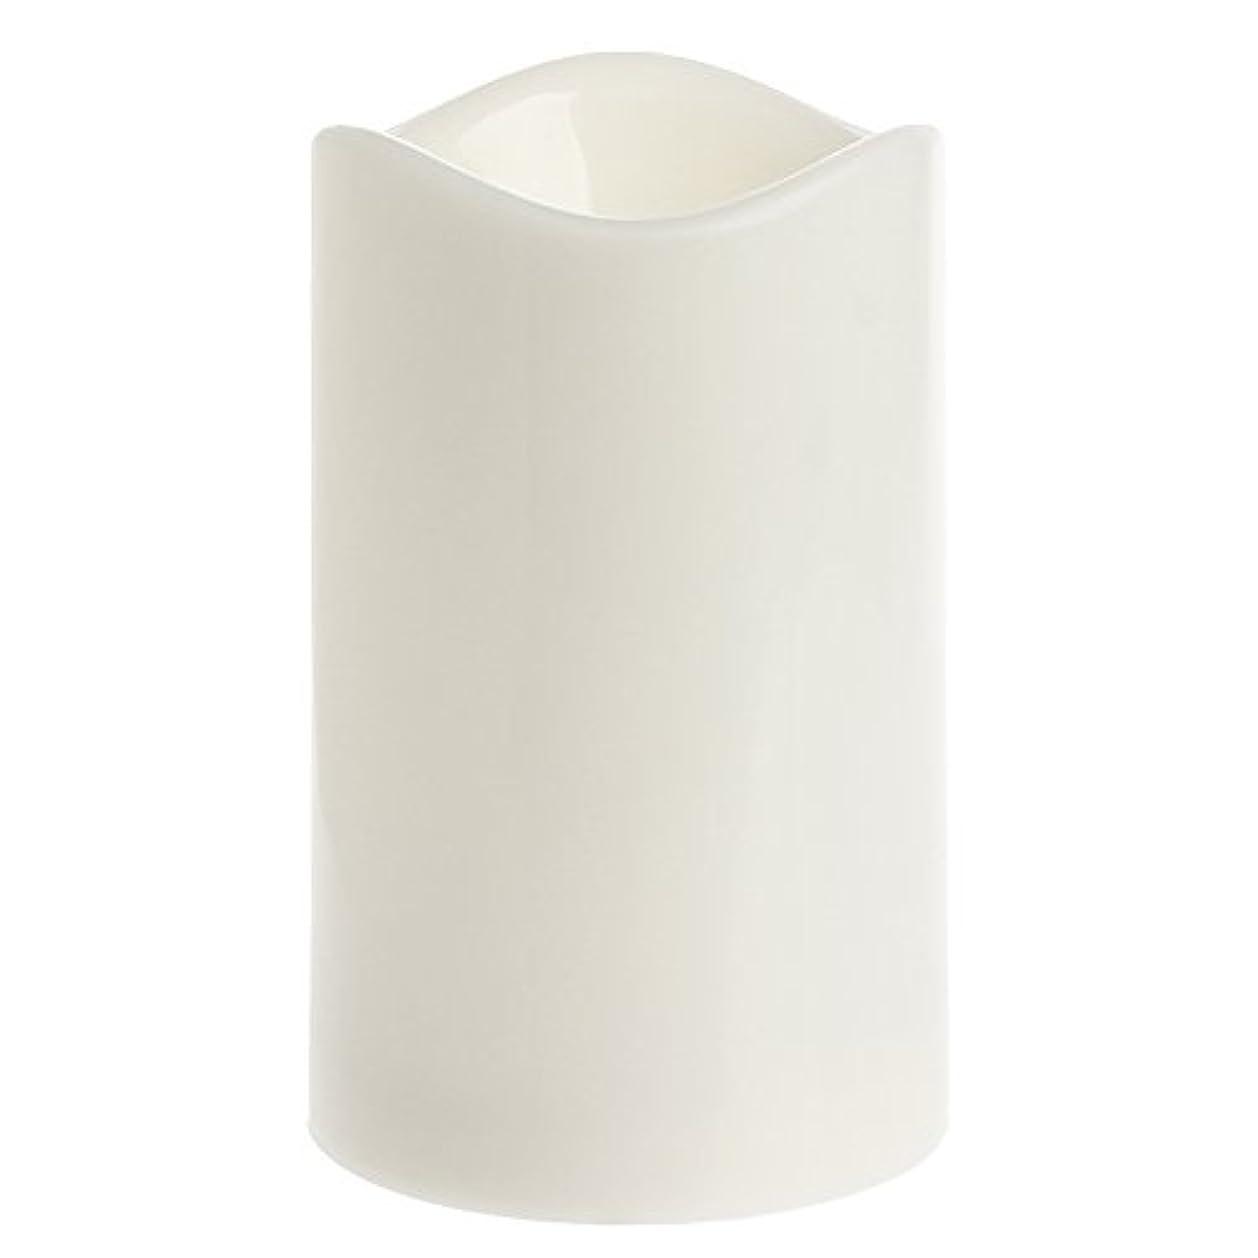 ブーム十分な圧力SimpleLifeロマンチックFlameless LED電子キャンドルライトウェディング香りワックスホームインテリア